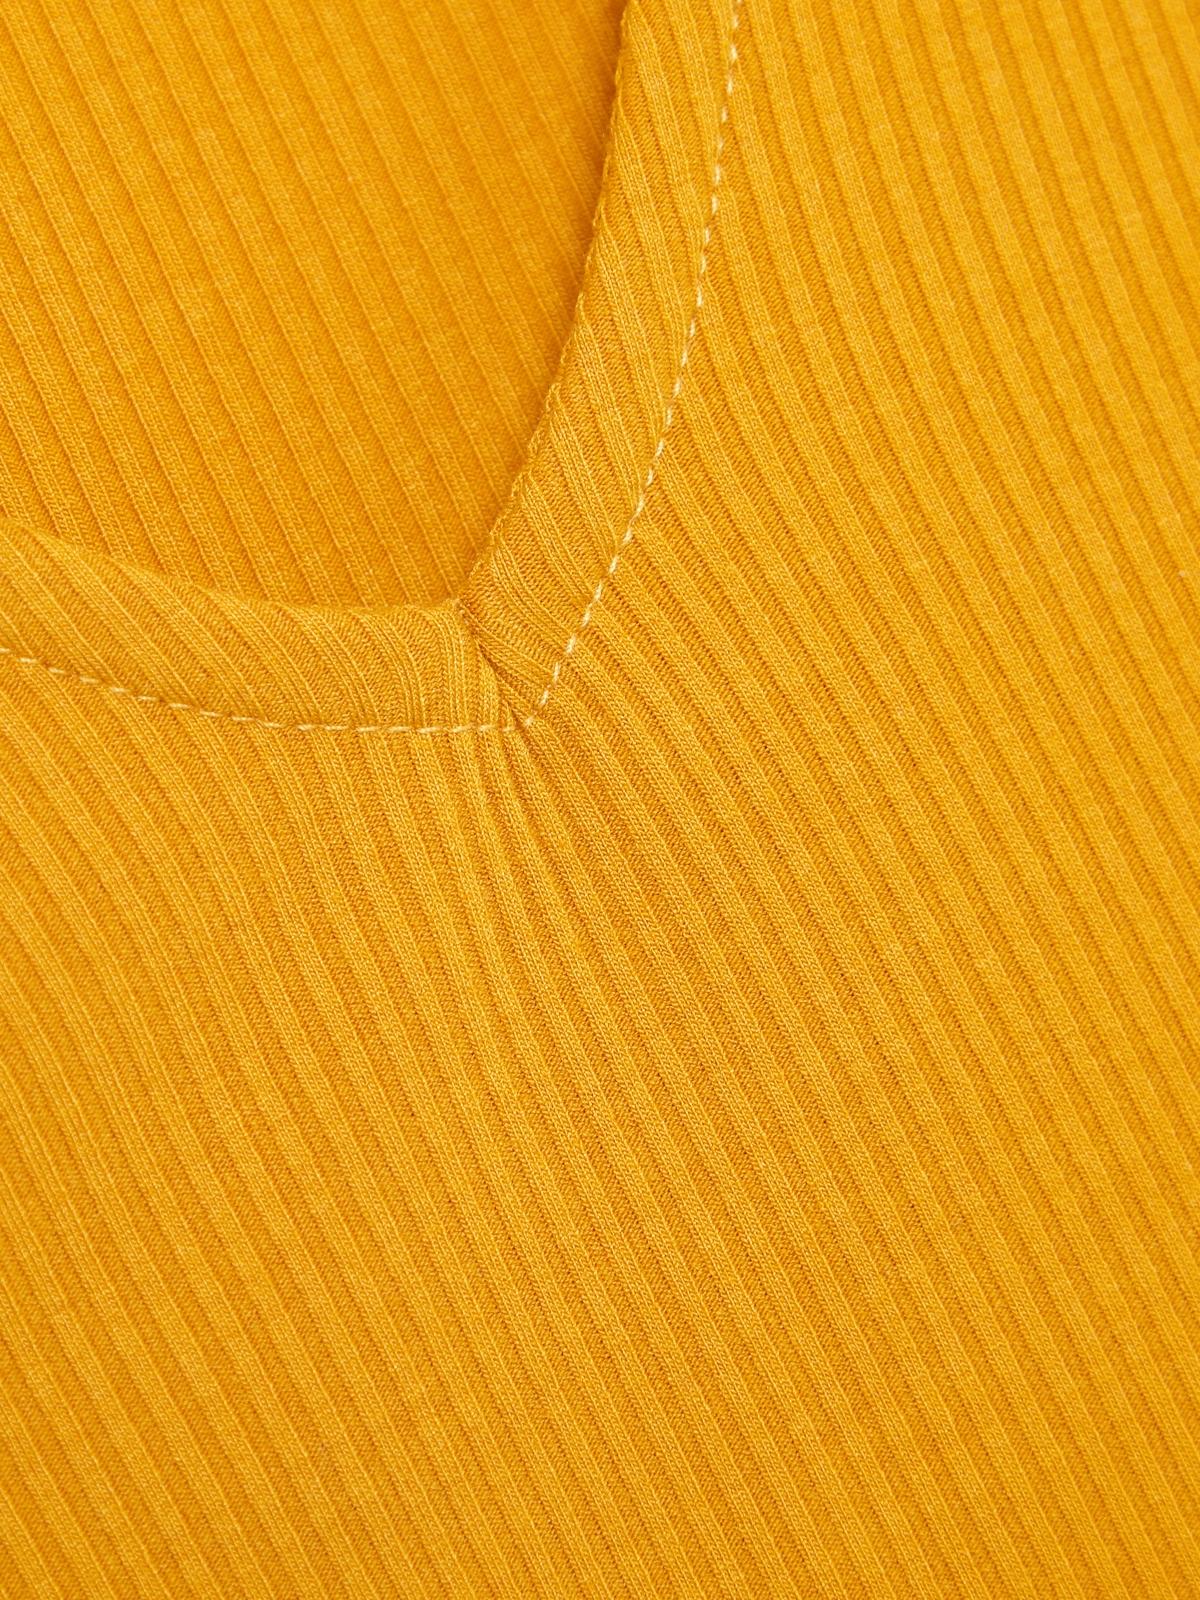 Trimmed Rib Top Mustard